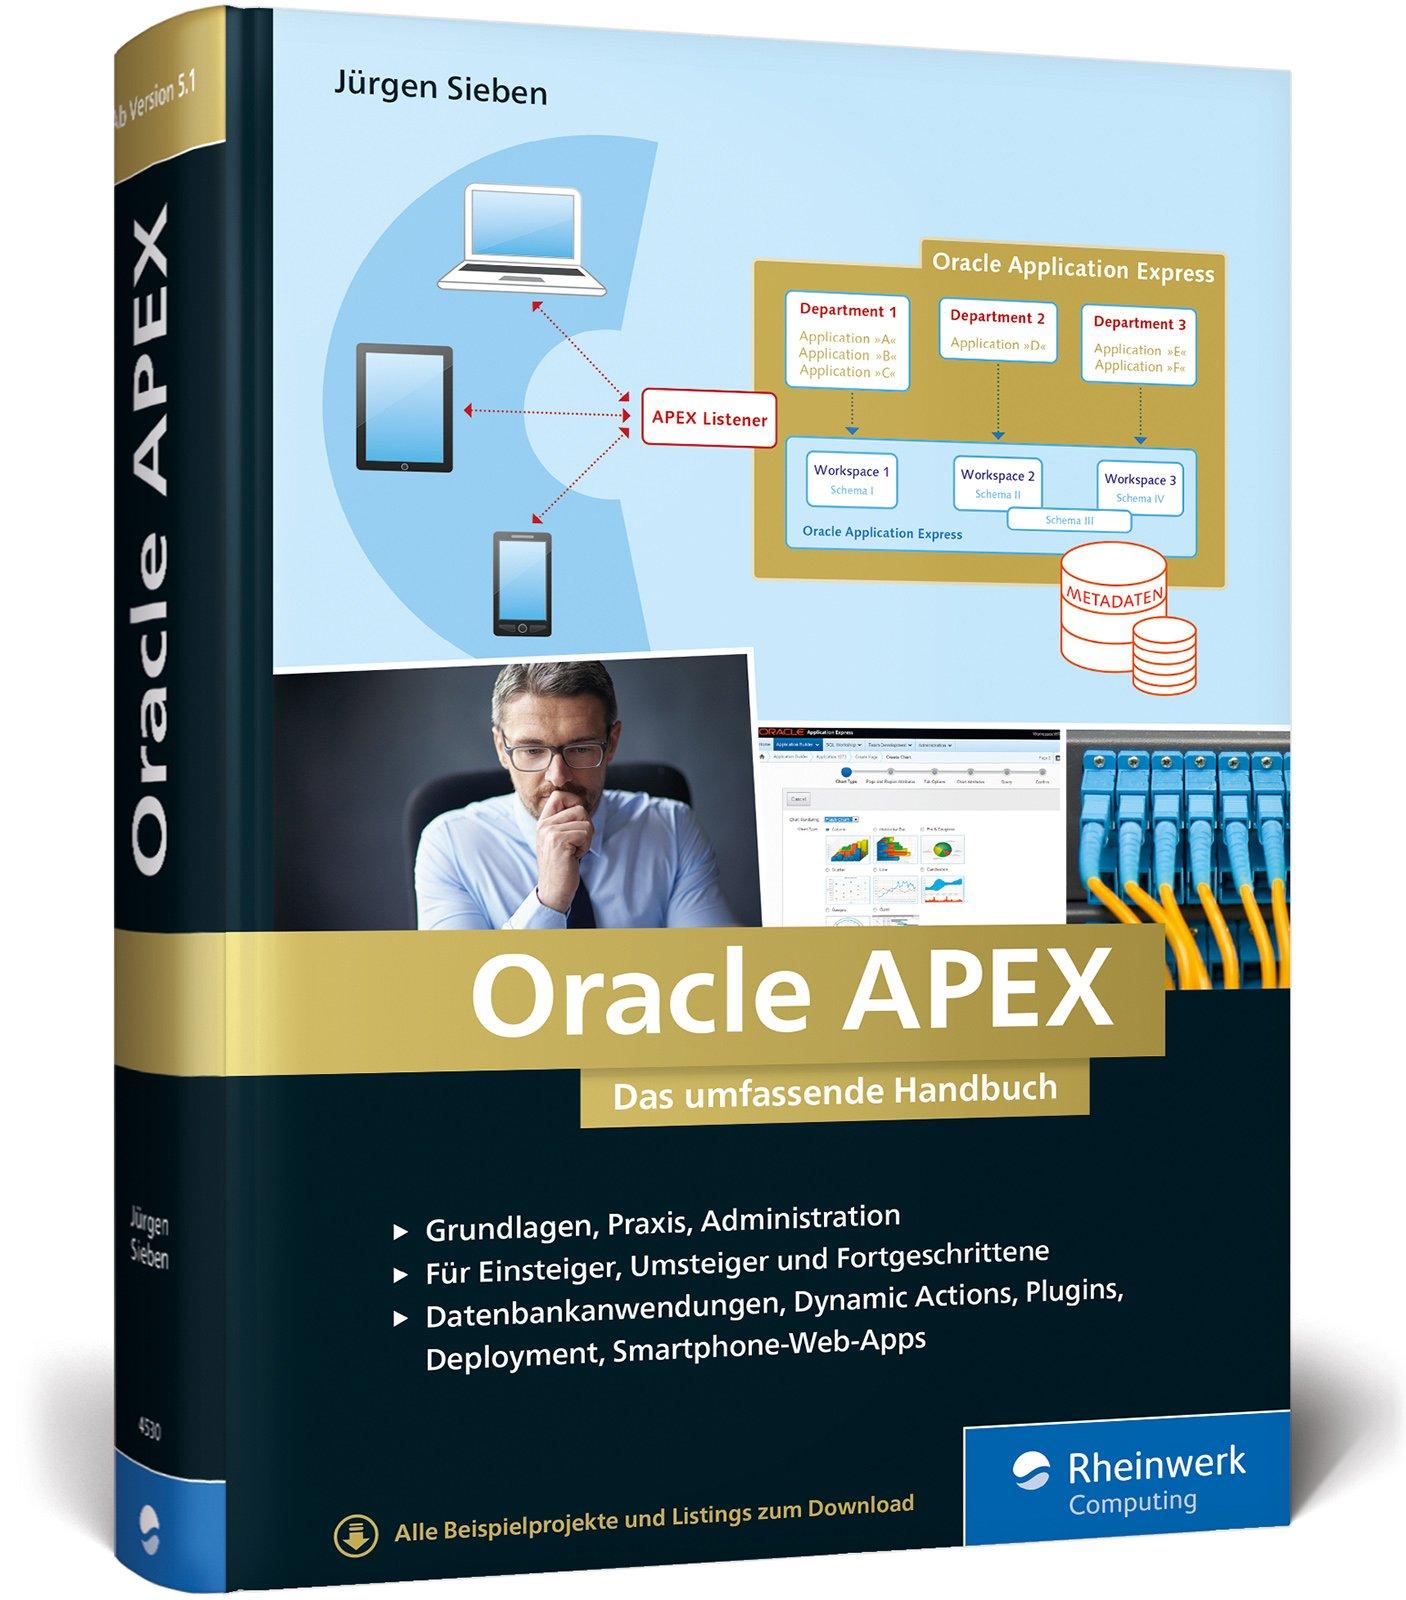 Oracle APEX: Das umfassende Handbuch für Entwickler Gebundenes Buch – 29. September 2017 Jürgen Sieben Rheinwerk Computing 3836245302 Informatik